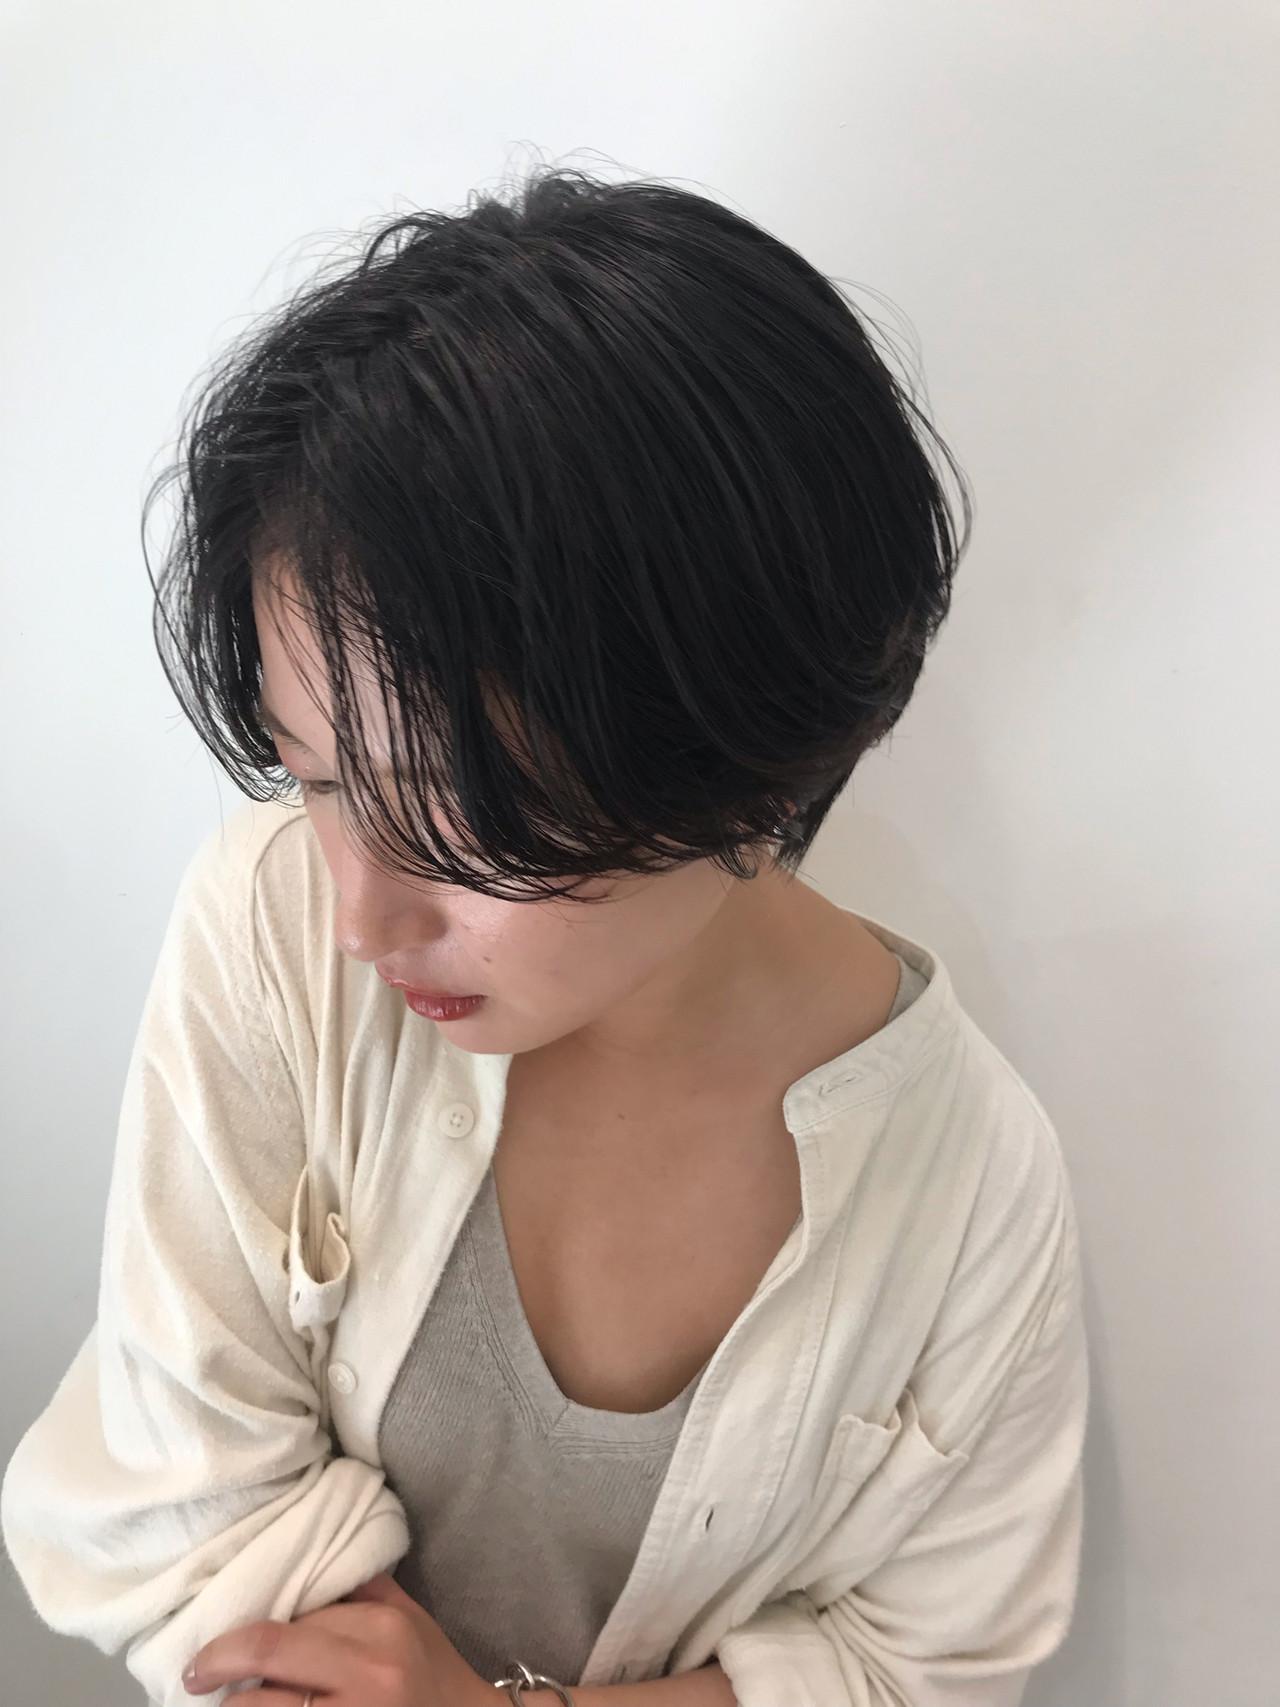 ショート ゆるふわ 大人かわいい ナチュラル ヘアスタイルや髪型の写真・画像   大人可愛い【ショート・ボブが得意】つばさ / VIE